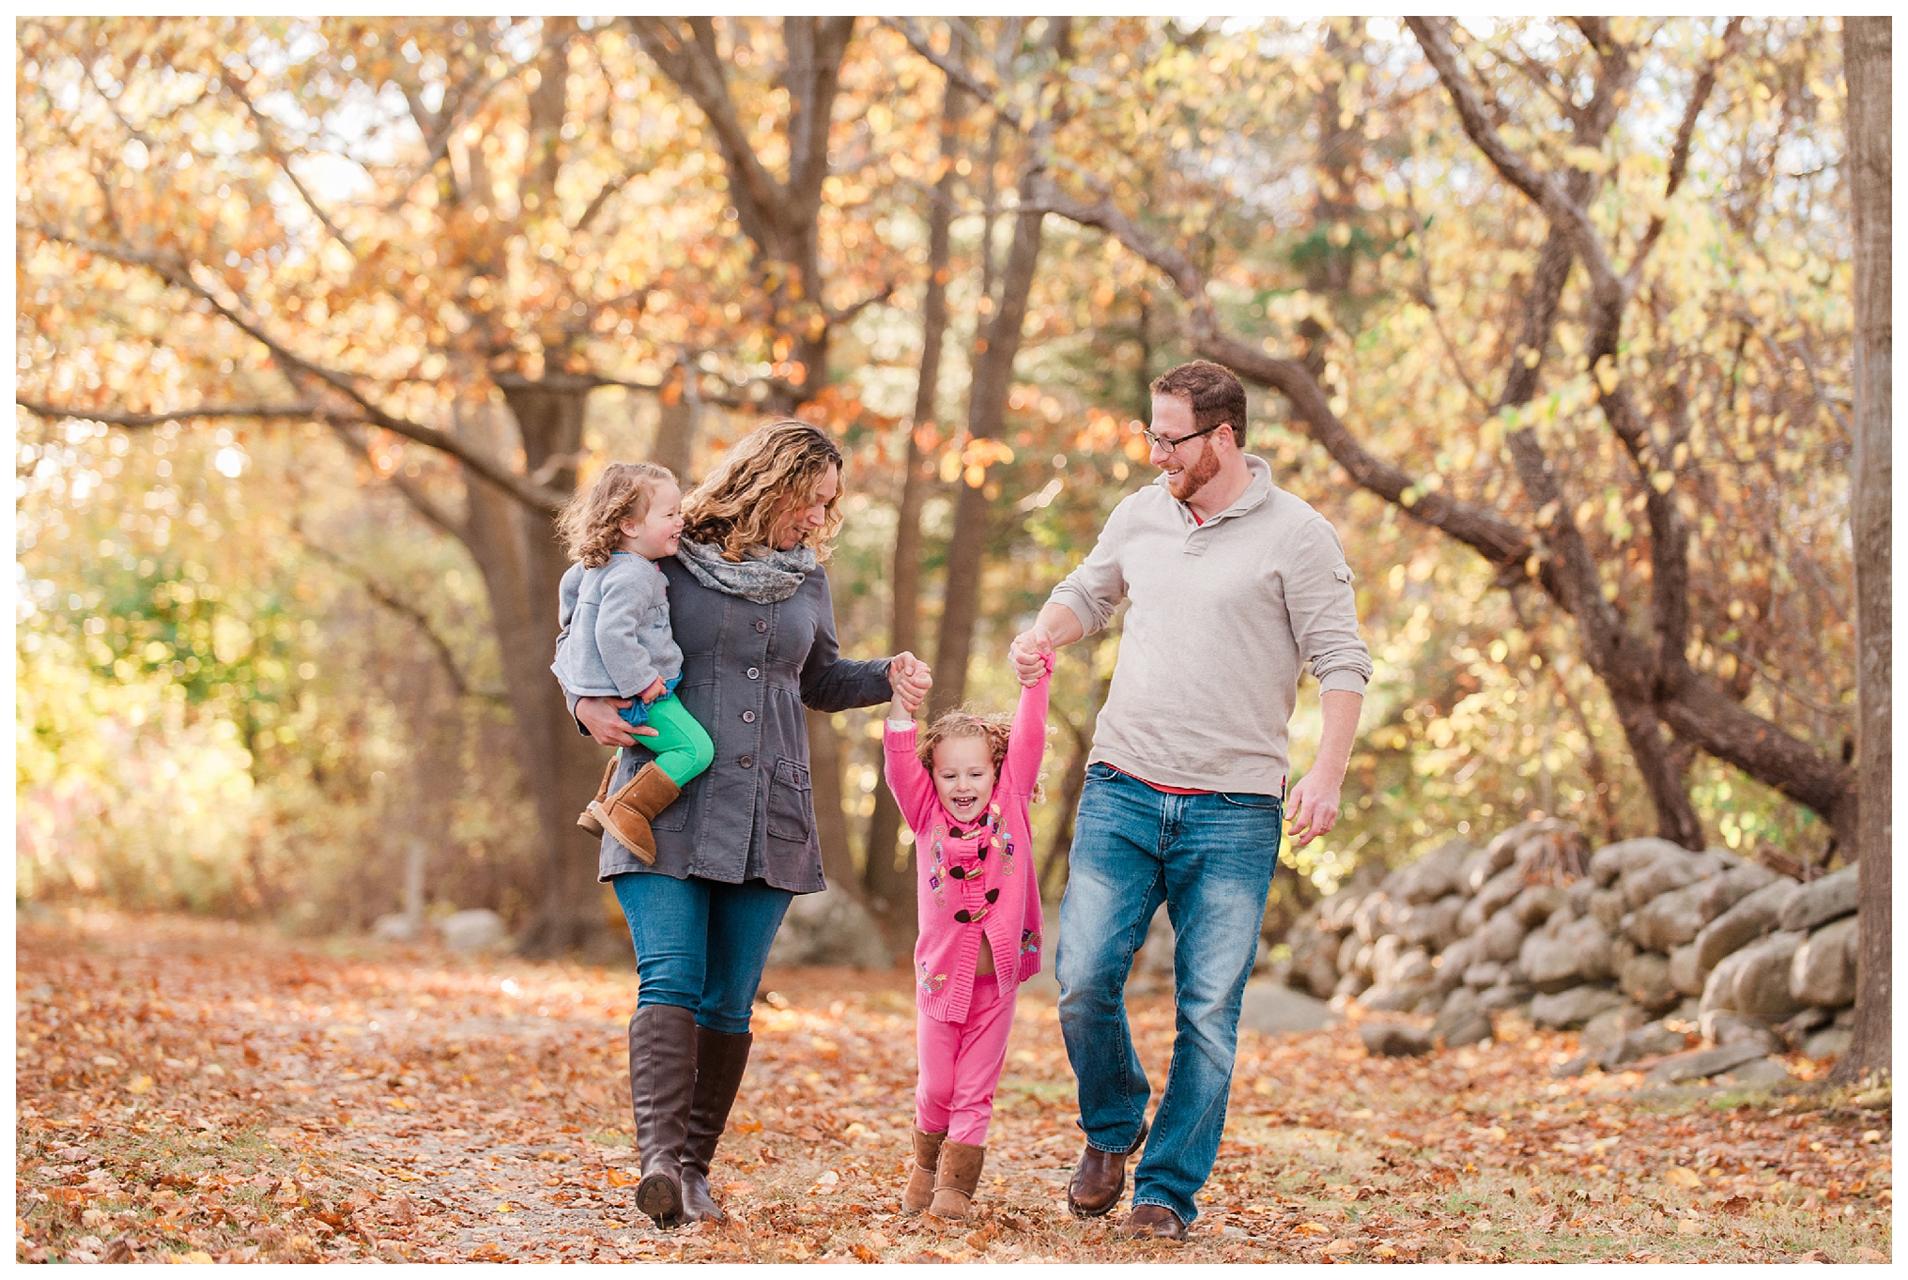 Family-Photographer-Sweet-Light-Portraits27.jpg